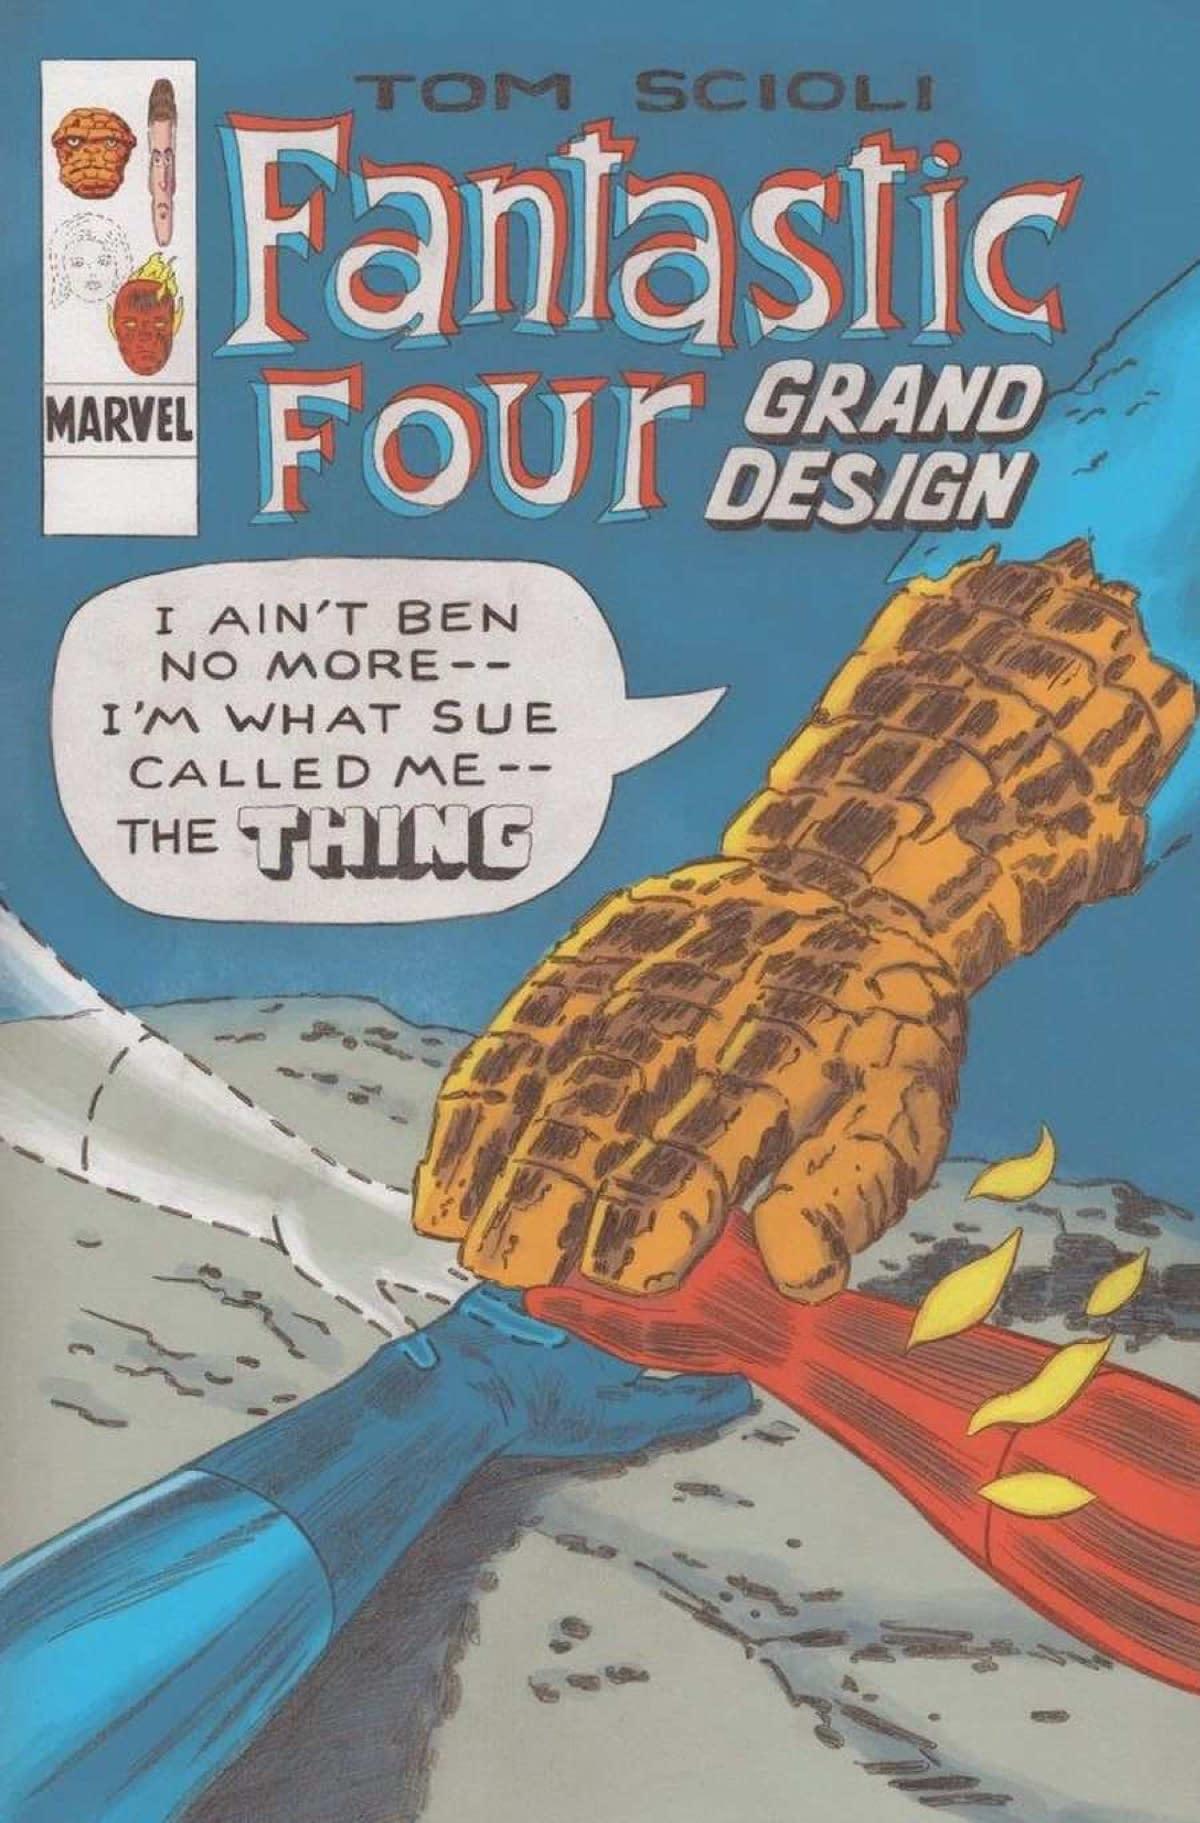 Marvel Comics Solicitations For October 2019 – 27 Of Them Frankensteined